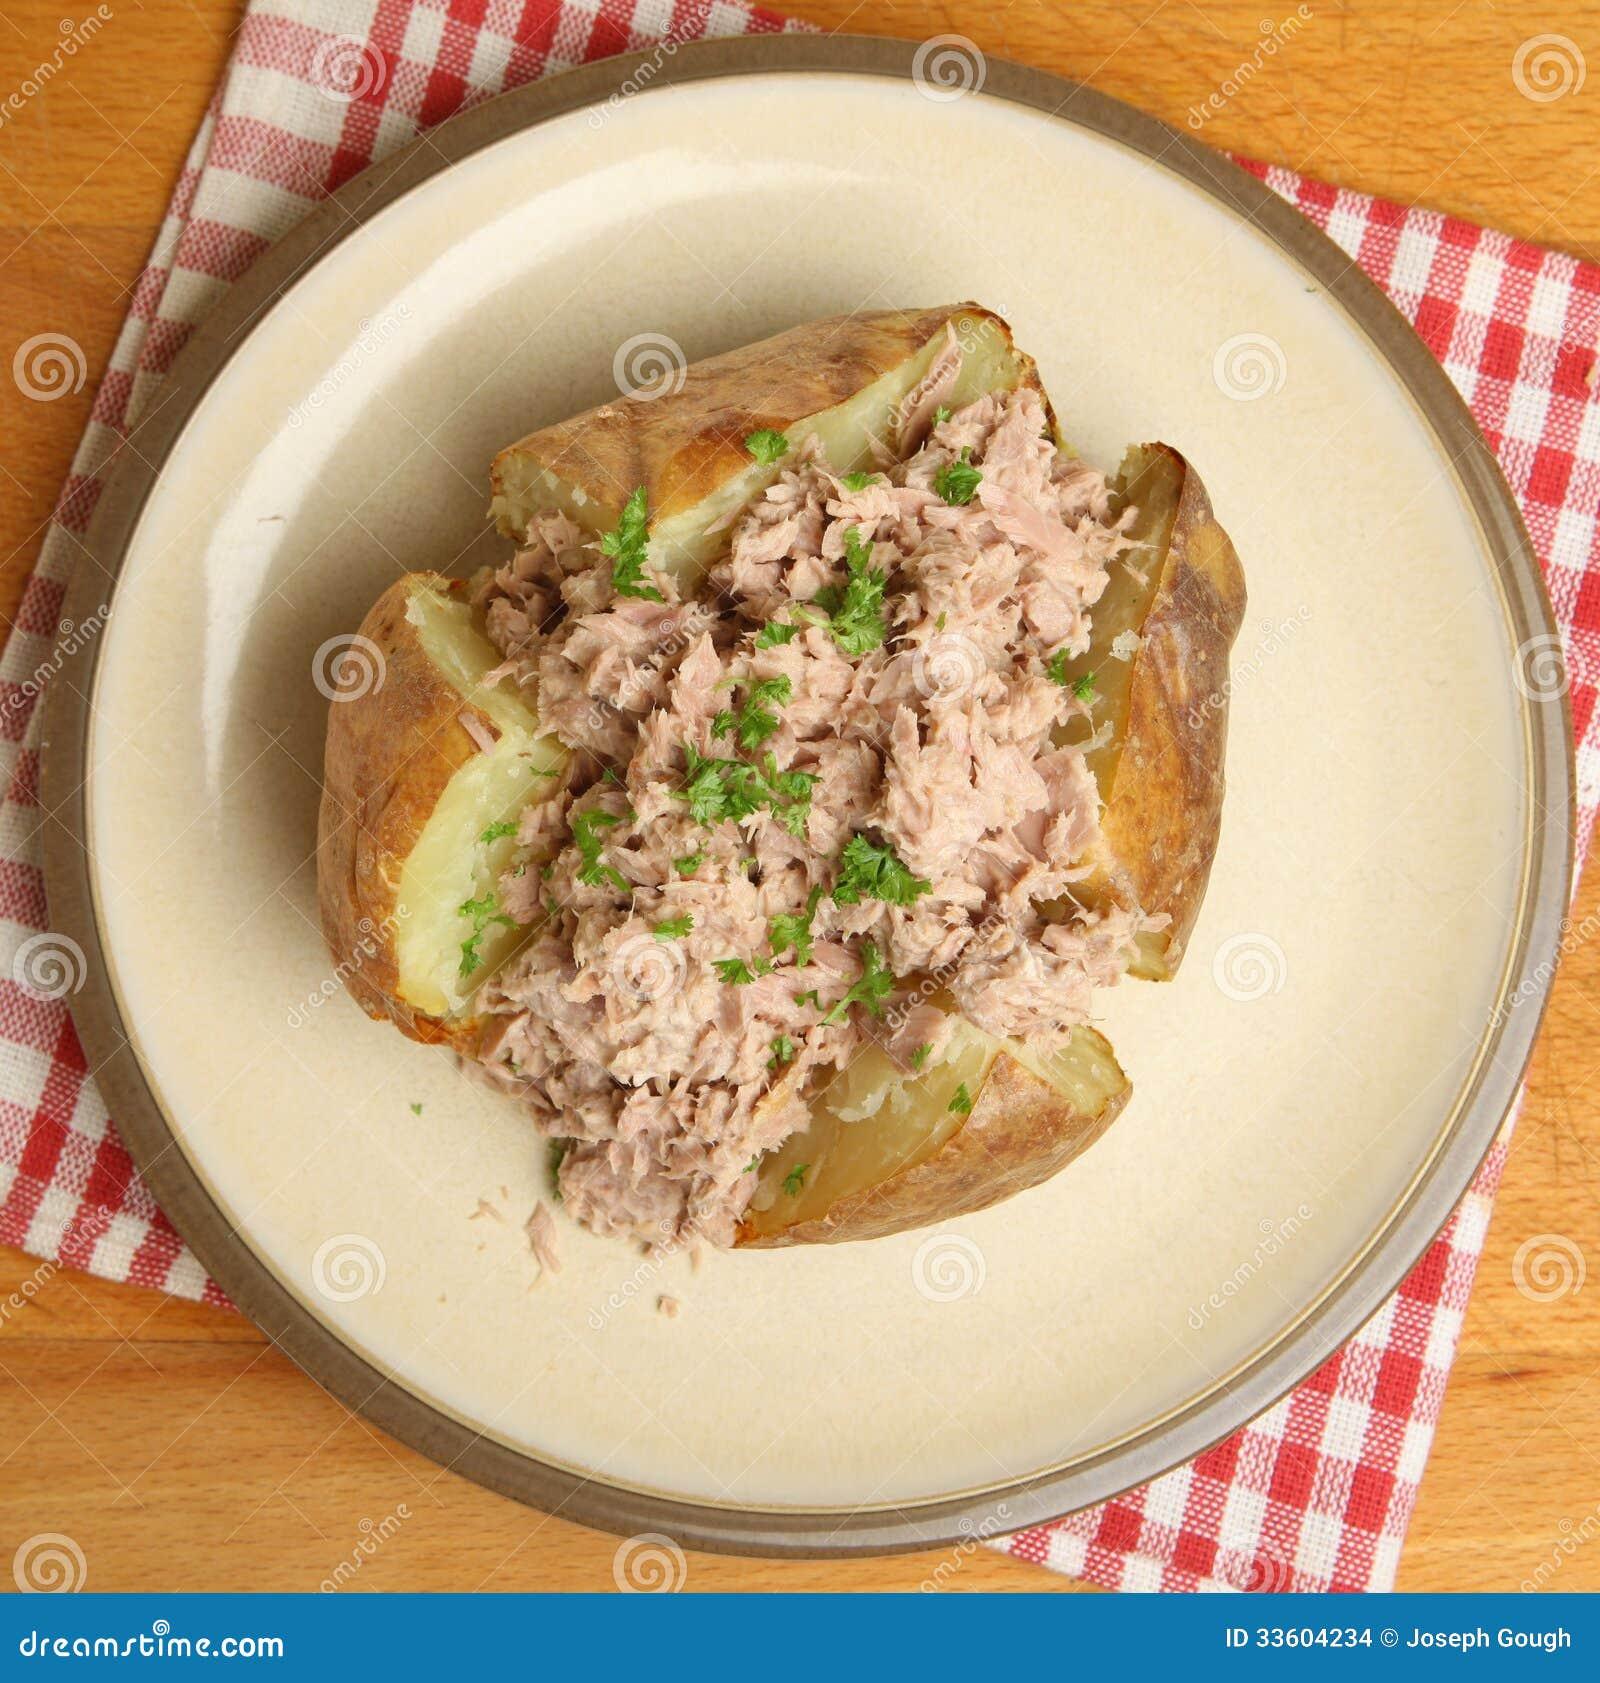 Jacket Or Baked Potato With Tuna Mayonnaise Stock Photo - Image: 33604234